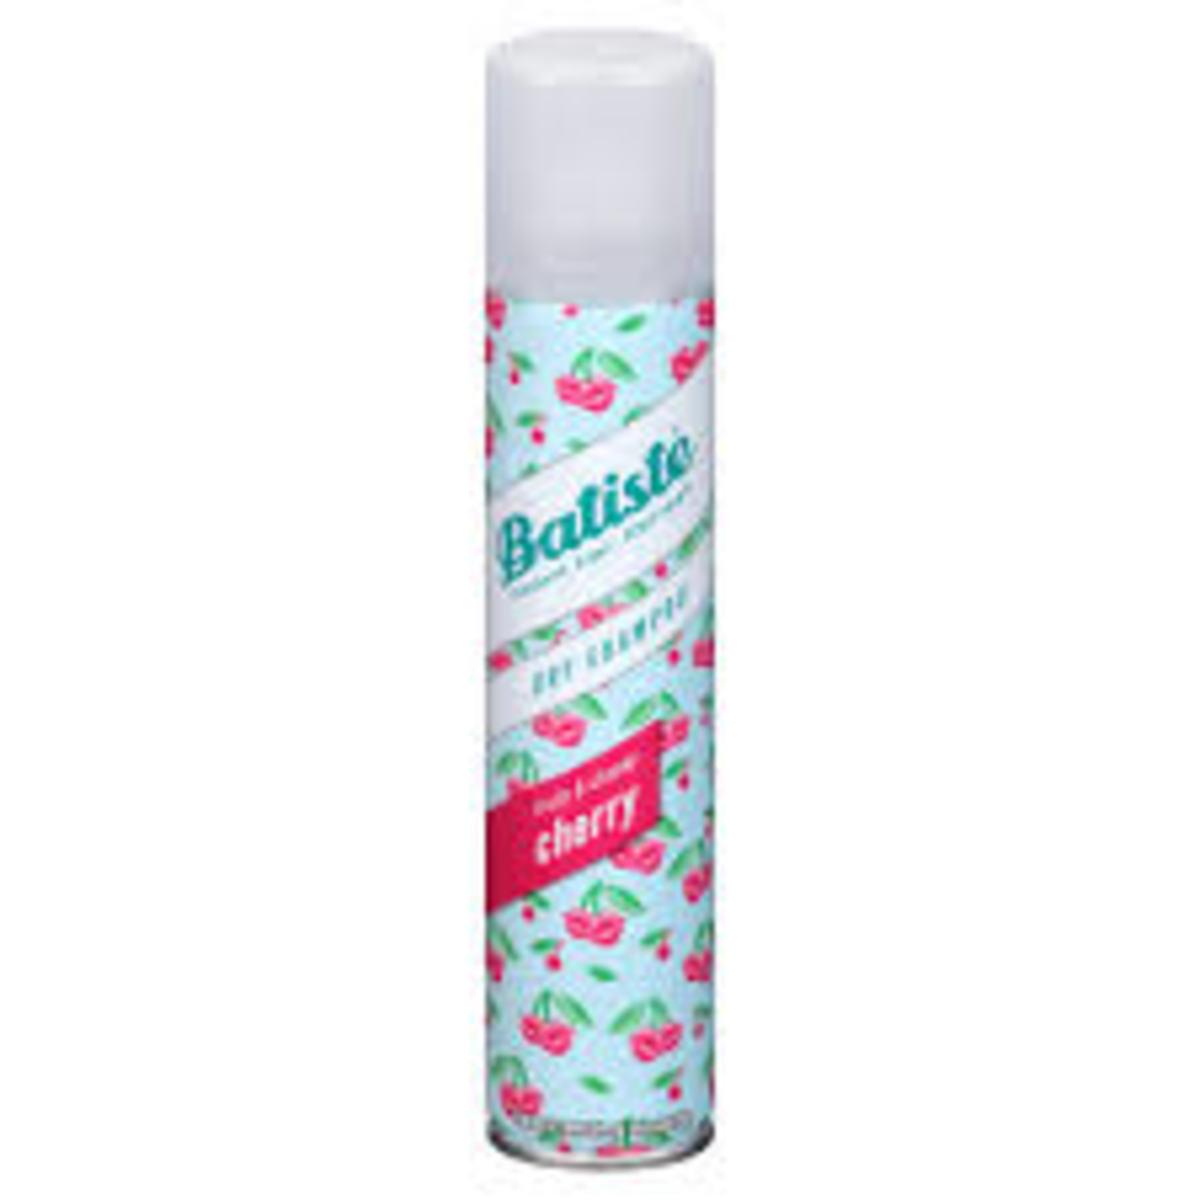 頭髮乾洗噴霧-櫻桃味 200ml